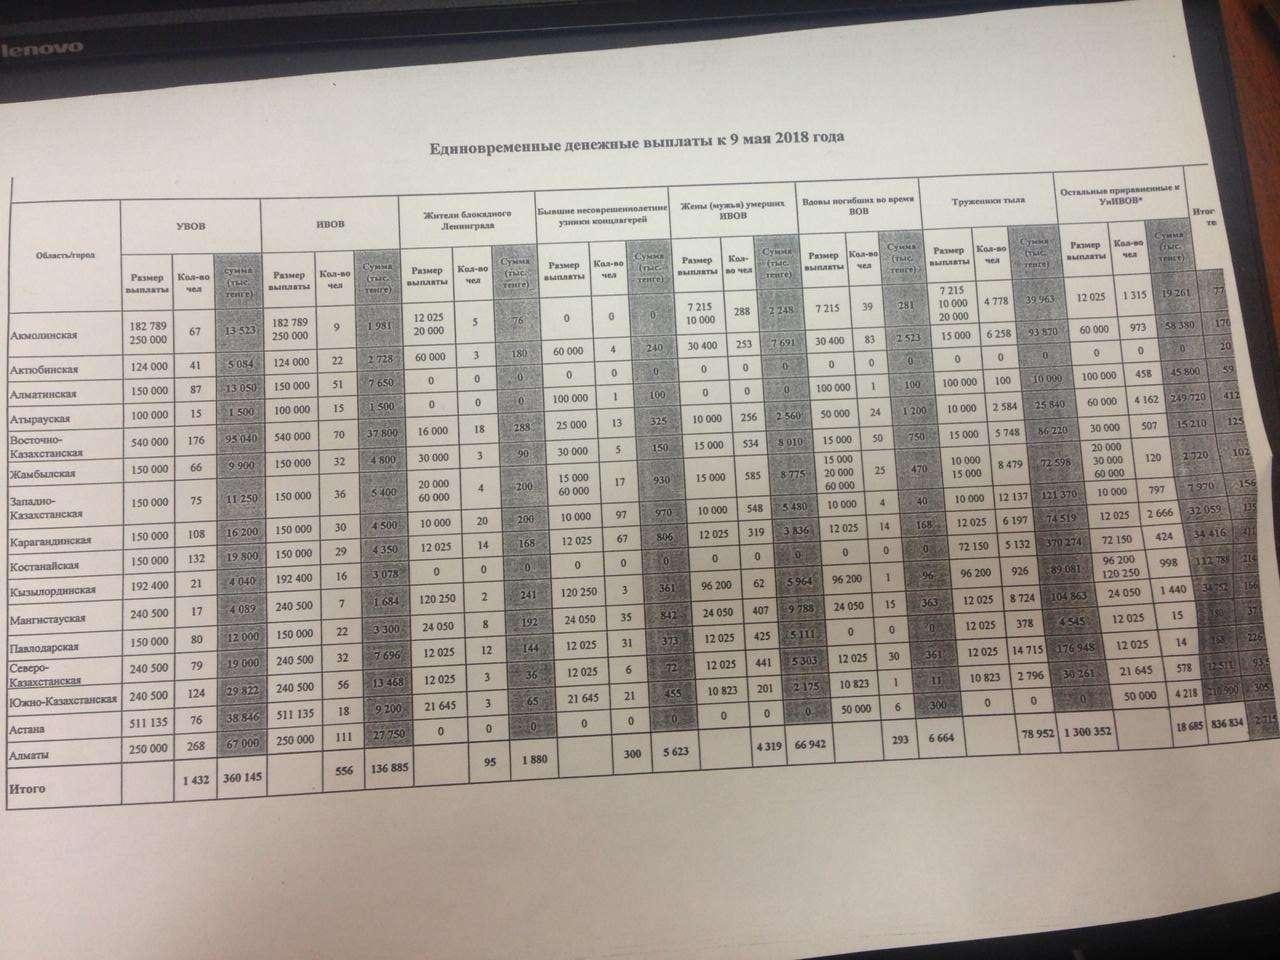 Таблица, предоставленная Министерством труда и социальной защиты РК